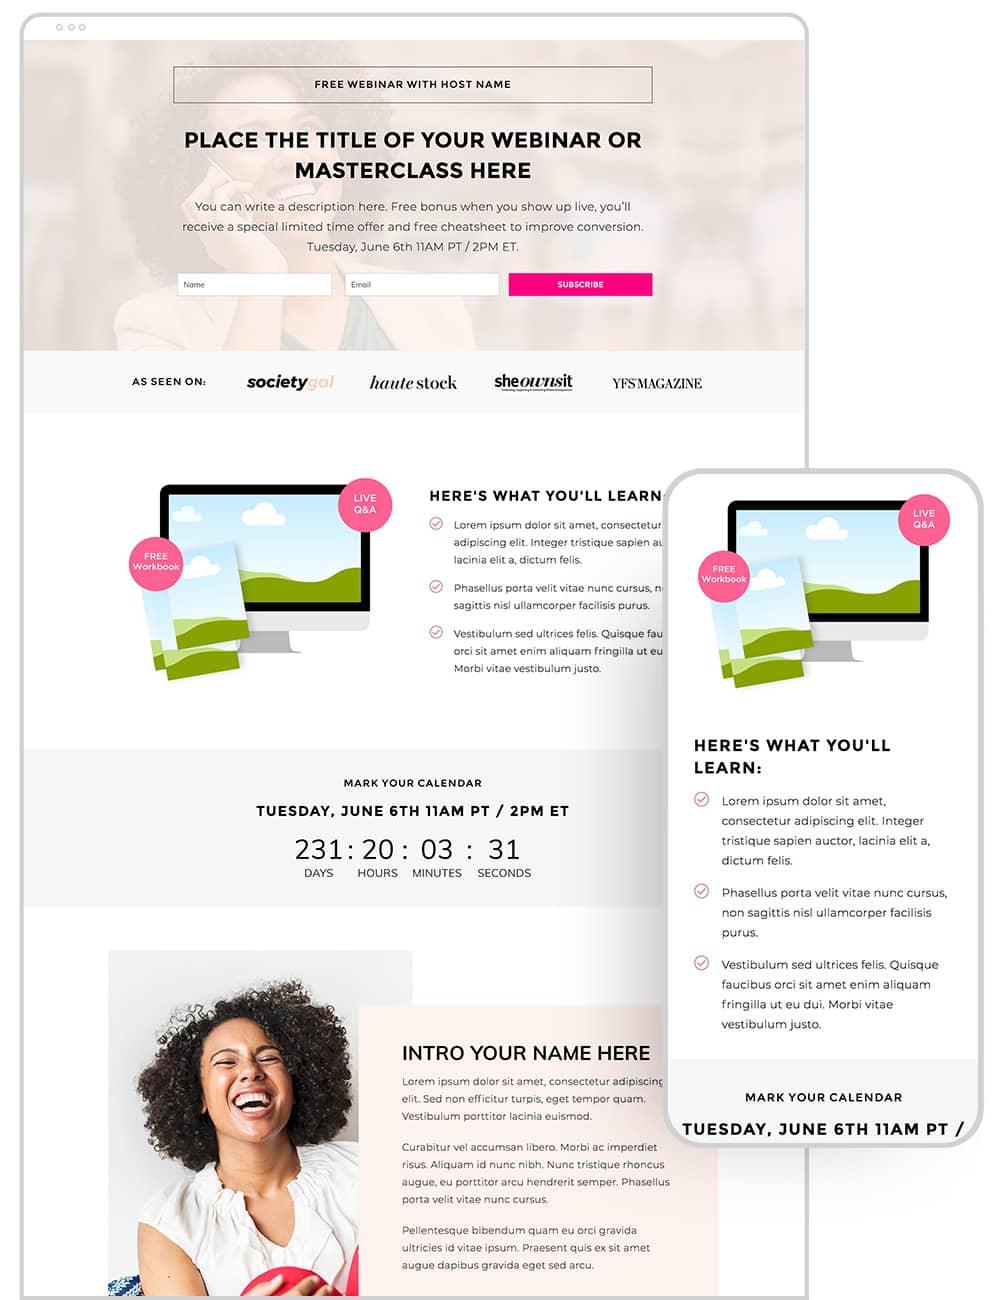 mockup-webinar-registration